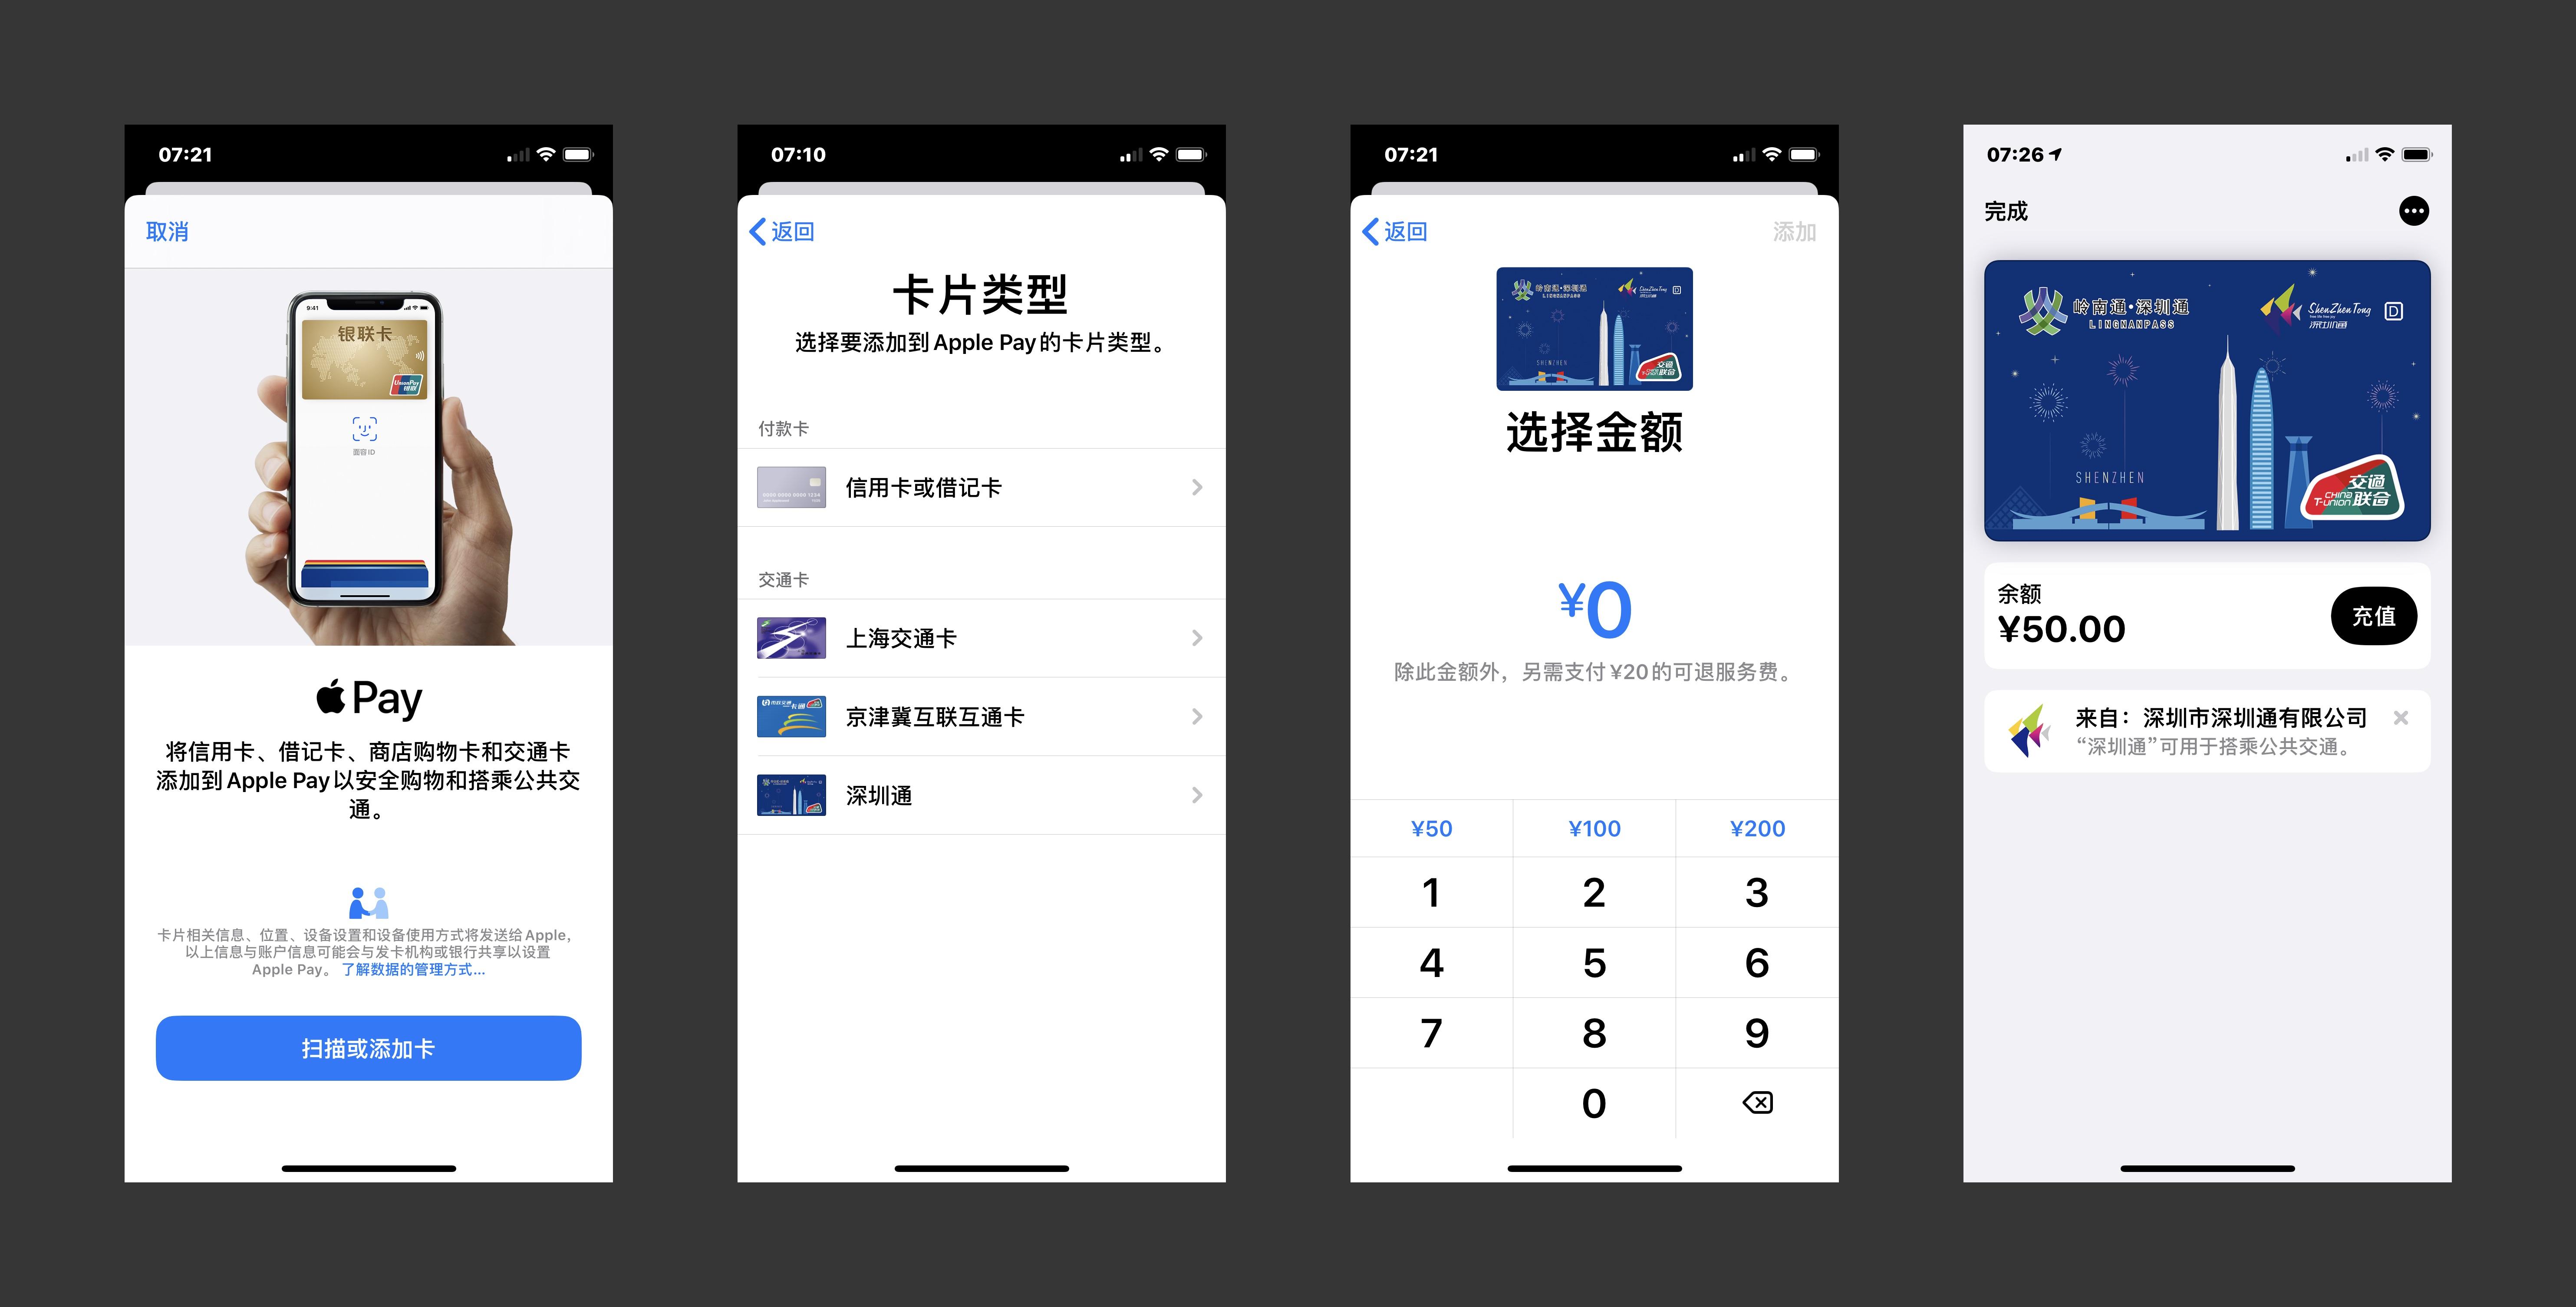 Apple Pay 深圳通交通卡限时免开卡费 限额 10 万张